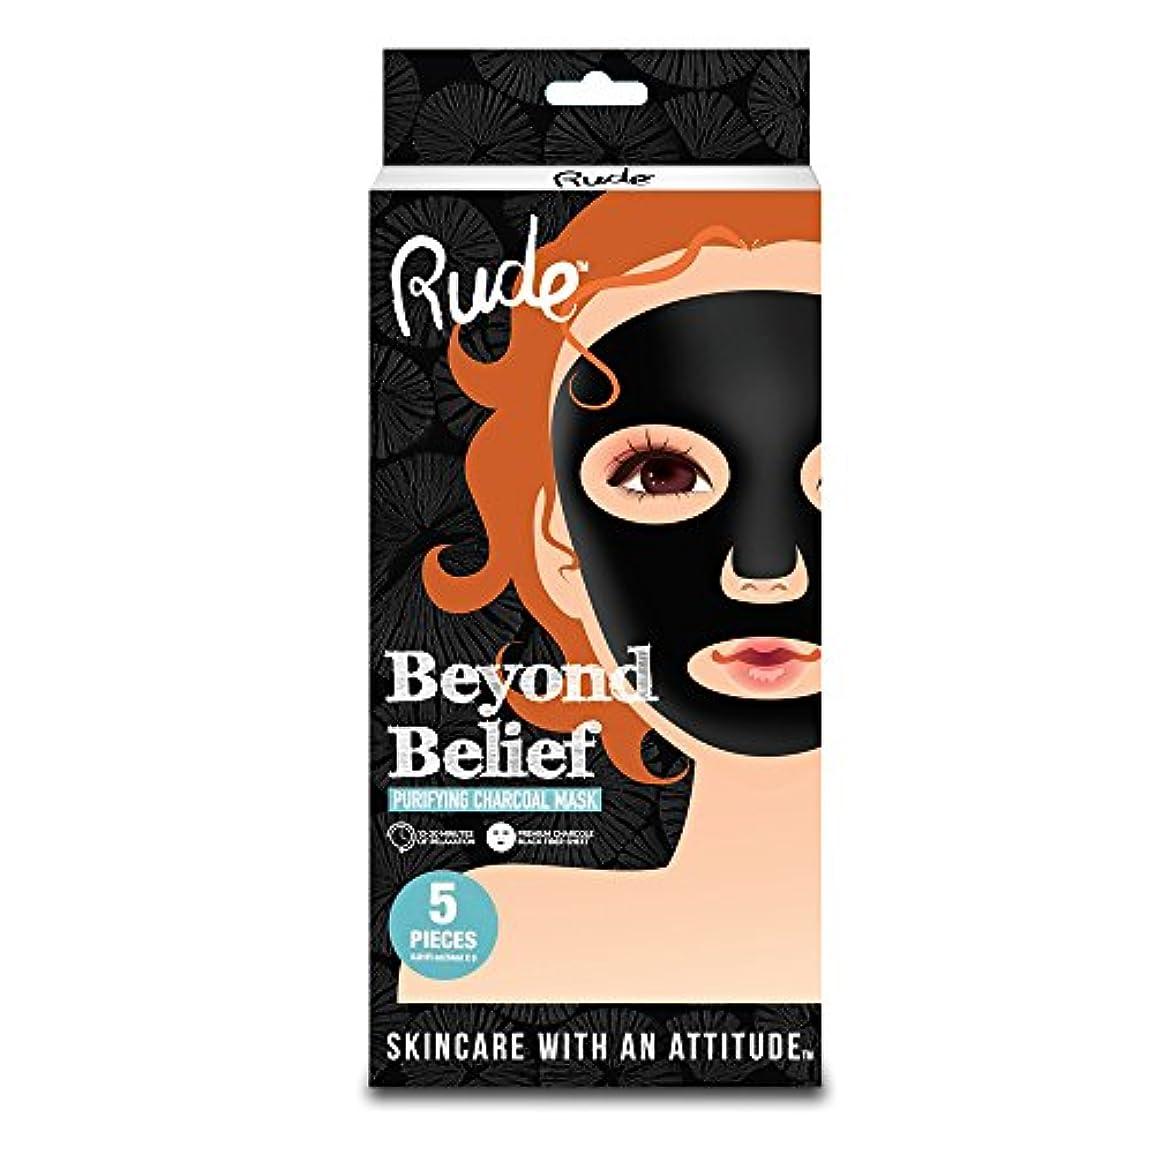 達成可能急降下ピービッシュRUDE Beyond Belief Purifying Charcoal Mask 5 Piece Pack (並行輸入品)